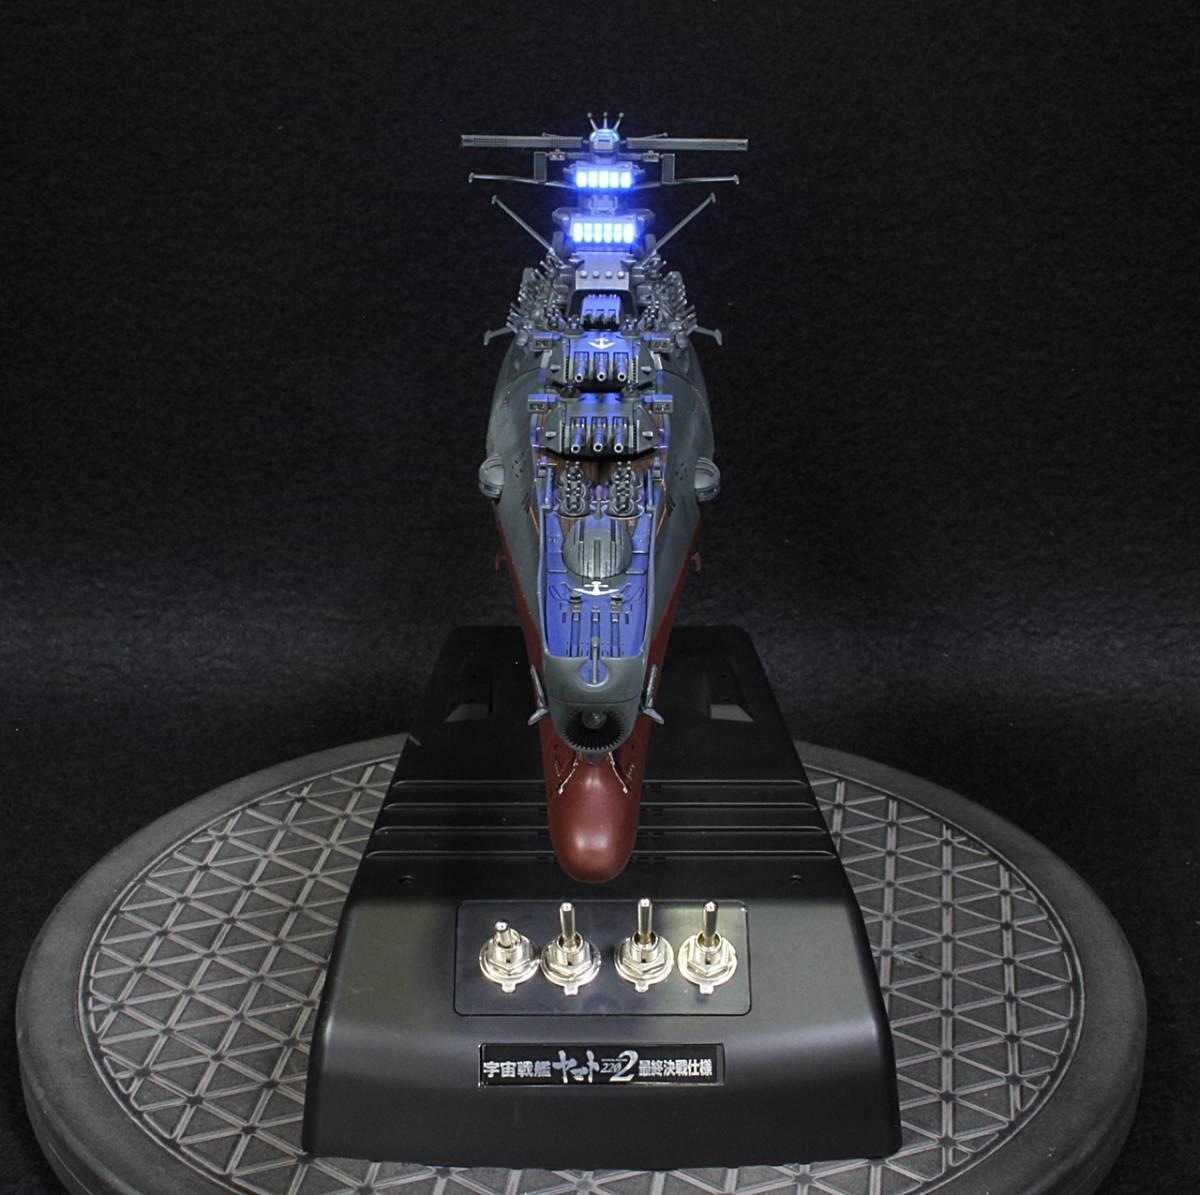 バンダイ 1/1000 宇宙戦艦ヤマト2202(最終決戦仕様)アクション改修ウェザリングVer制作完成品_画像10